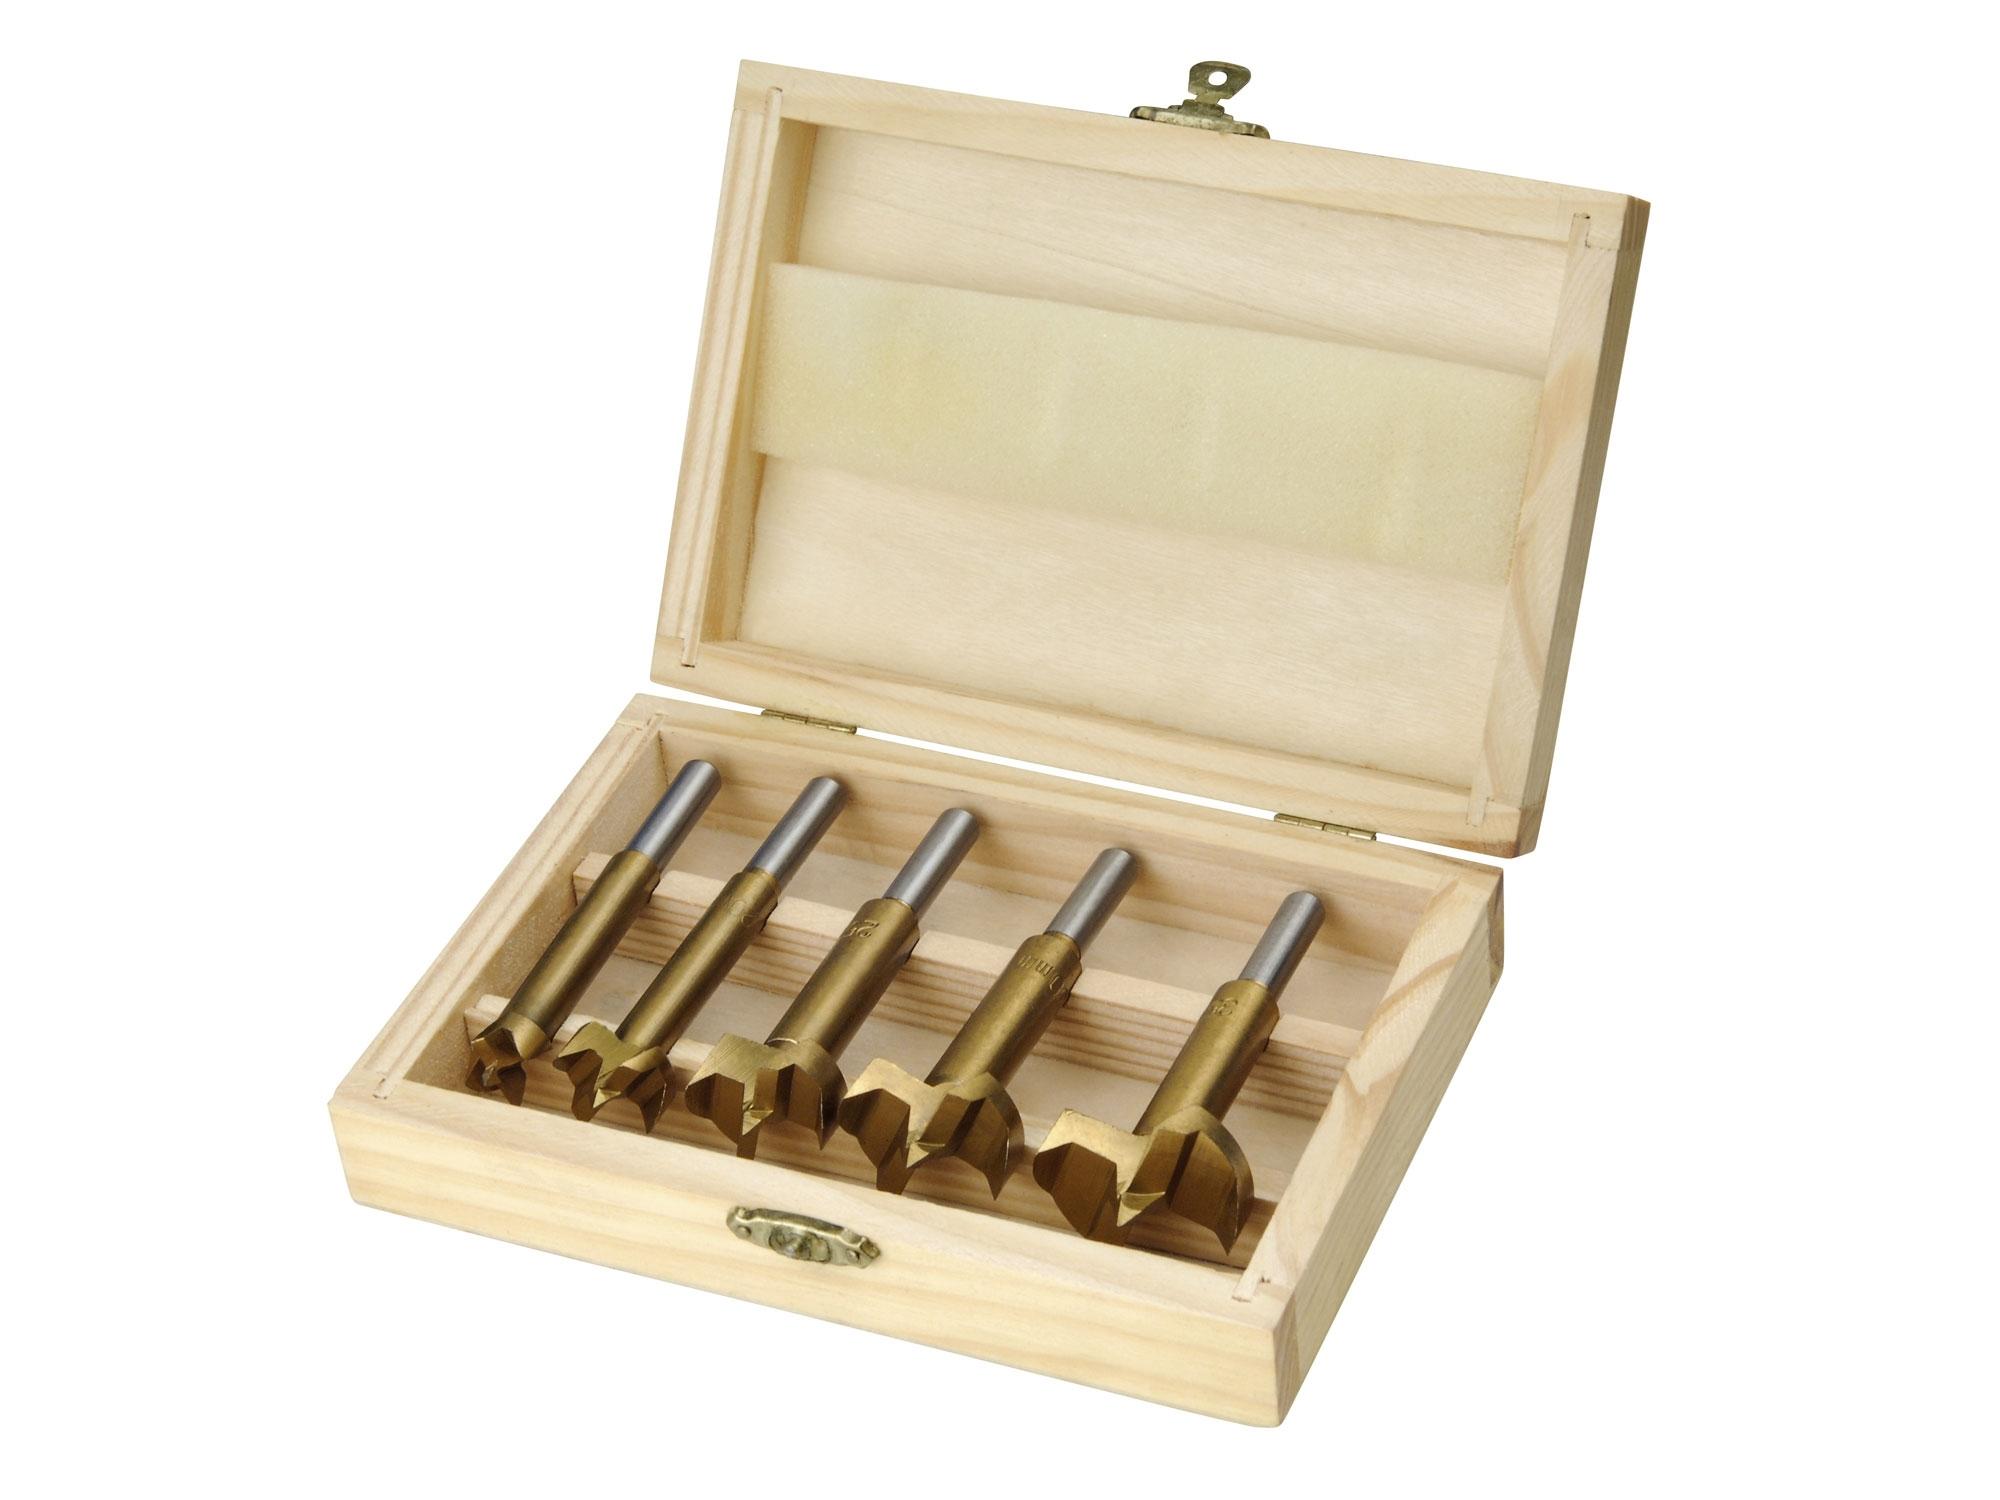 frézy-sukovníky, do dřeva, sada 5ks, ?15-20-25-30-35mm, stopka 8mm, titanová úprava, EXTOL CRAFT 44016